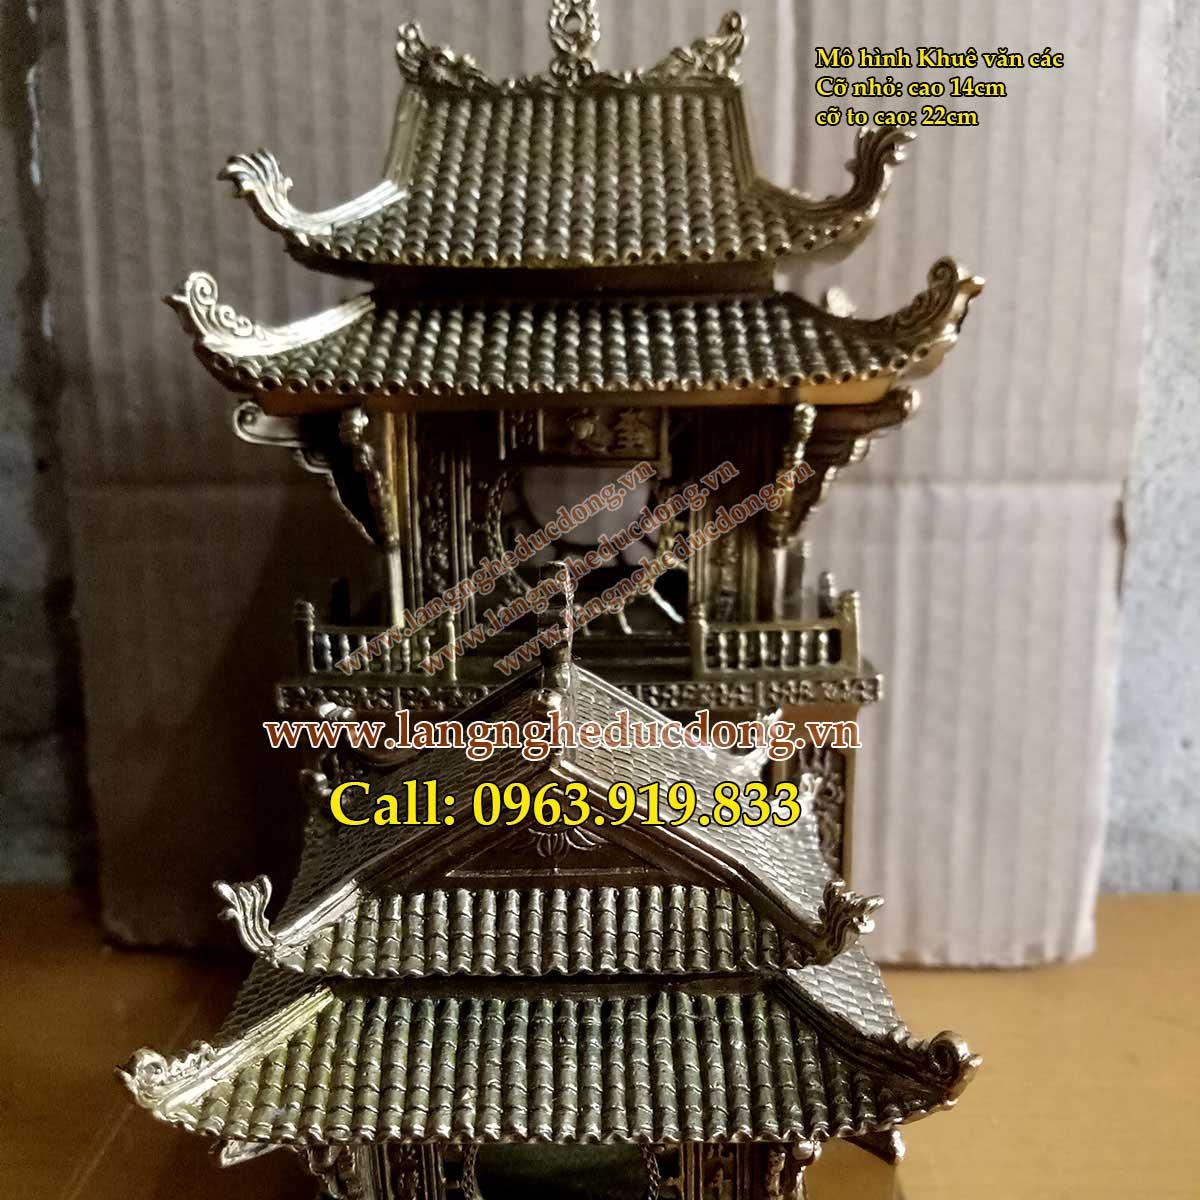 langngheducdong.vn - quà tặng bằng đồng, khuê văn các, chùa 1 cột, quà tặng cao cấp